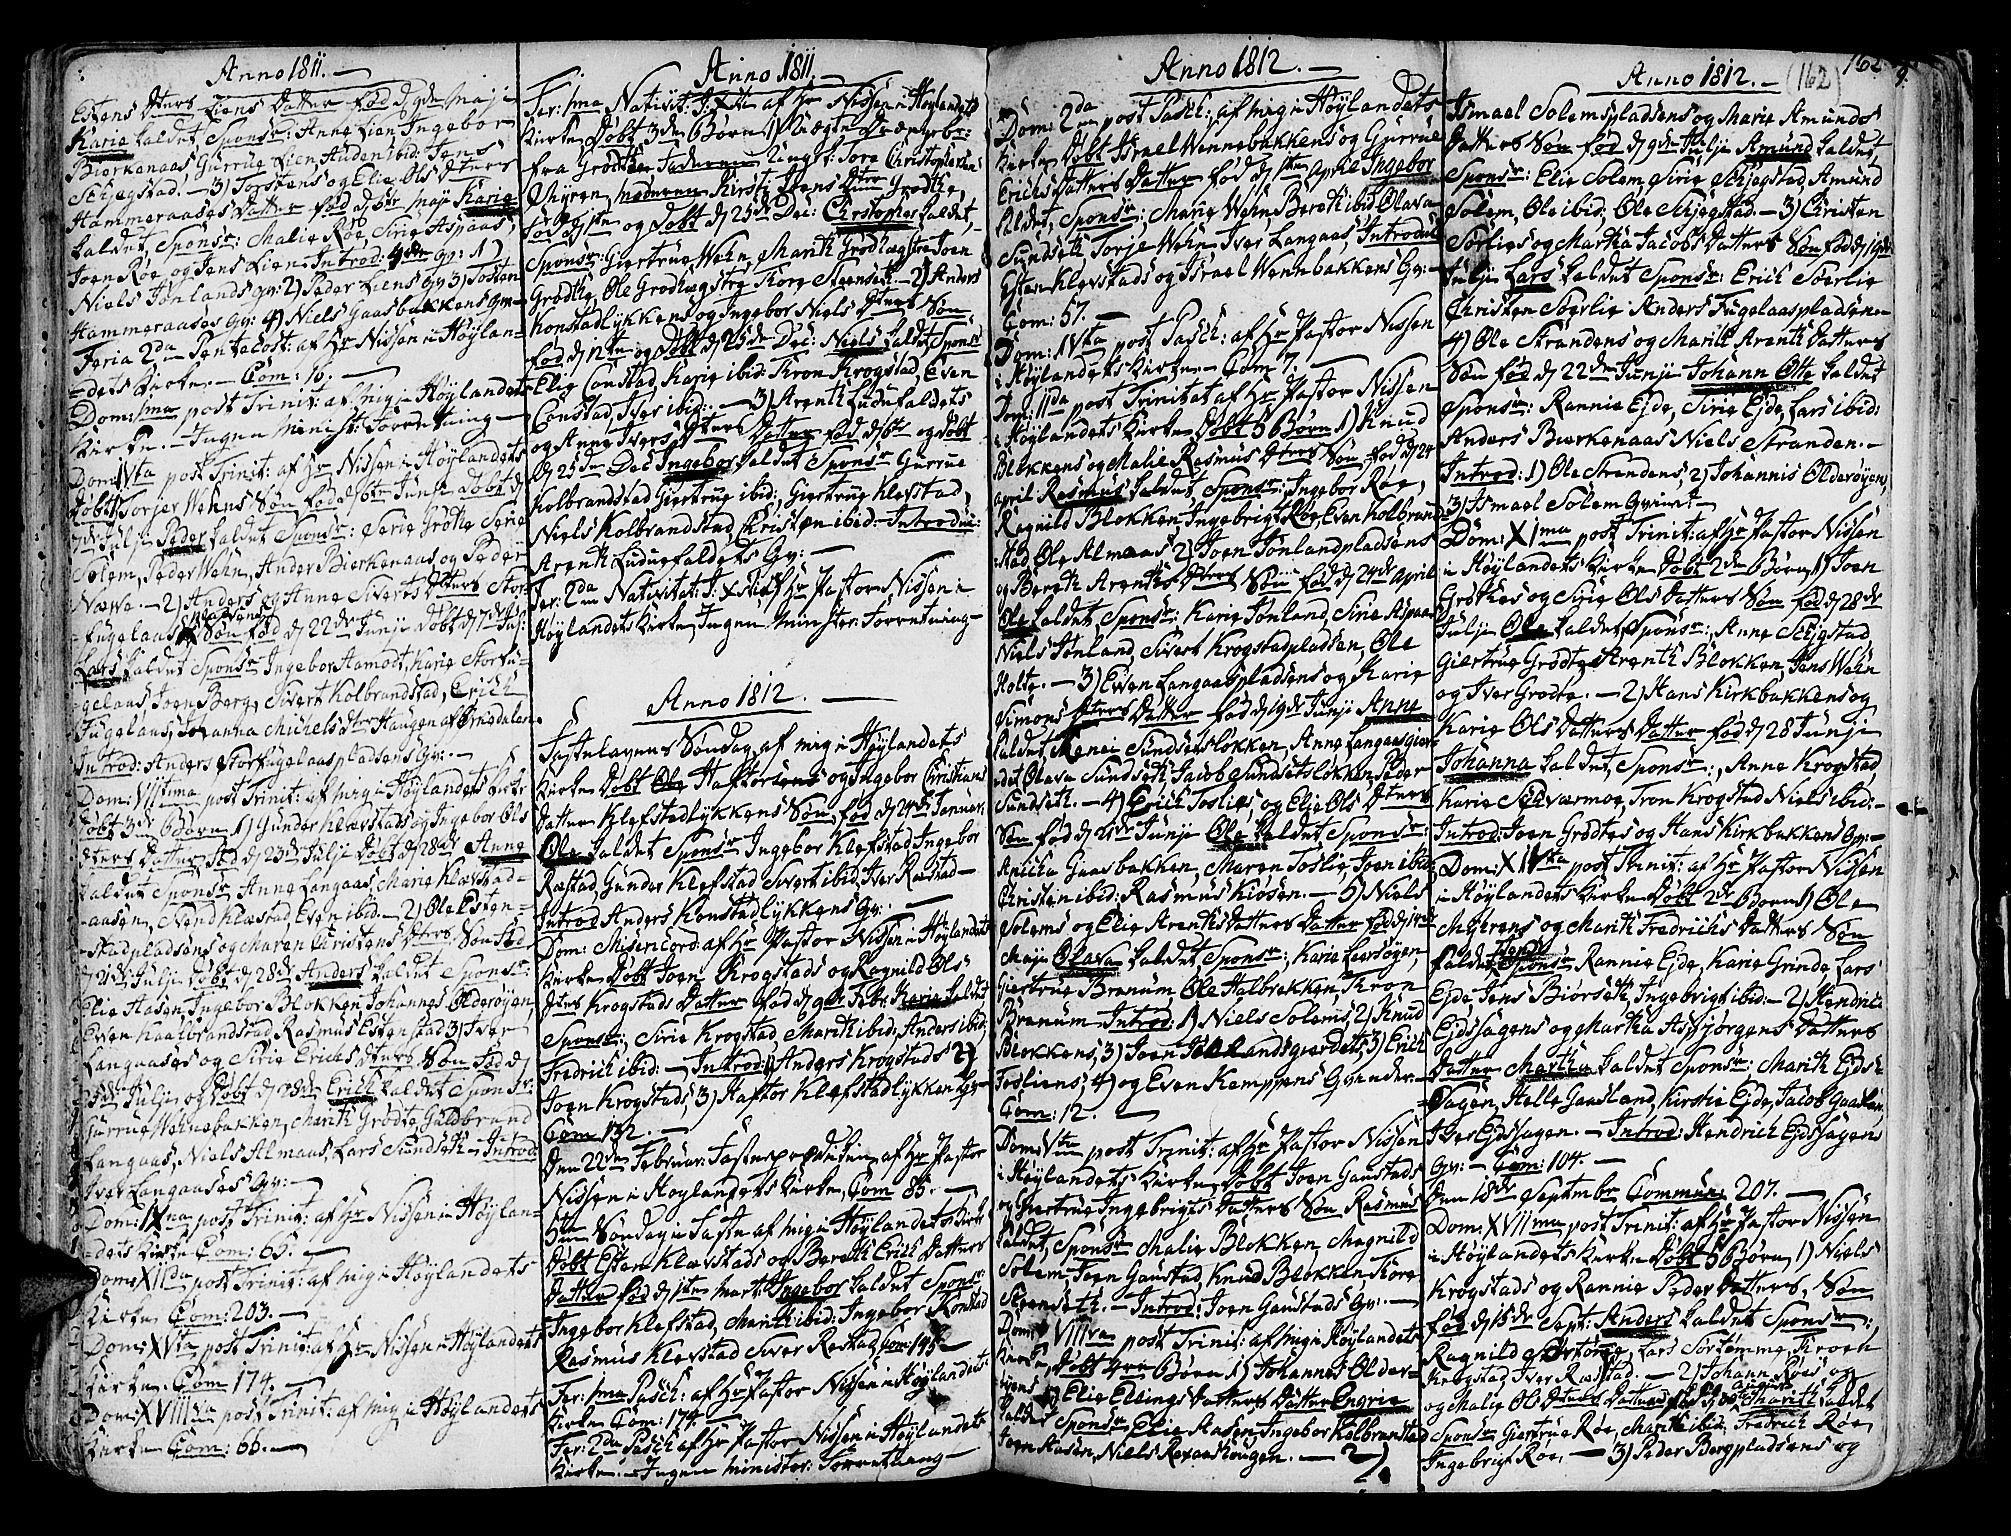 SAT, Ministerialprotokoller, klokkerbøker og fødselsregistre - Sør-Trøndelag, 691/L1064: Ministerialbok nr. 691A02 /4, 1768-1815, s. 162